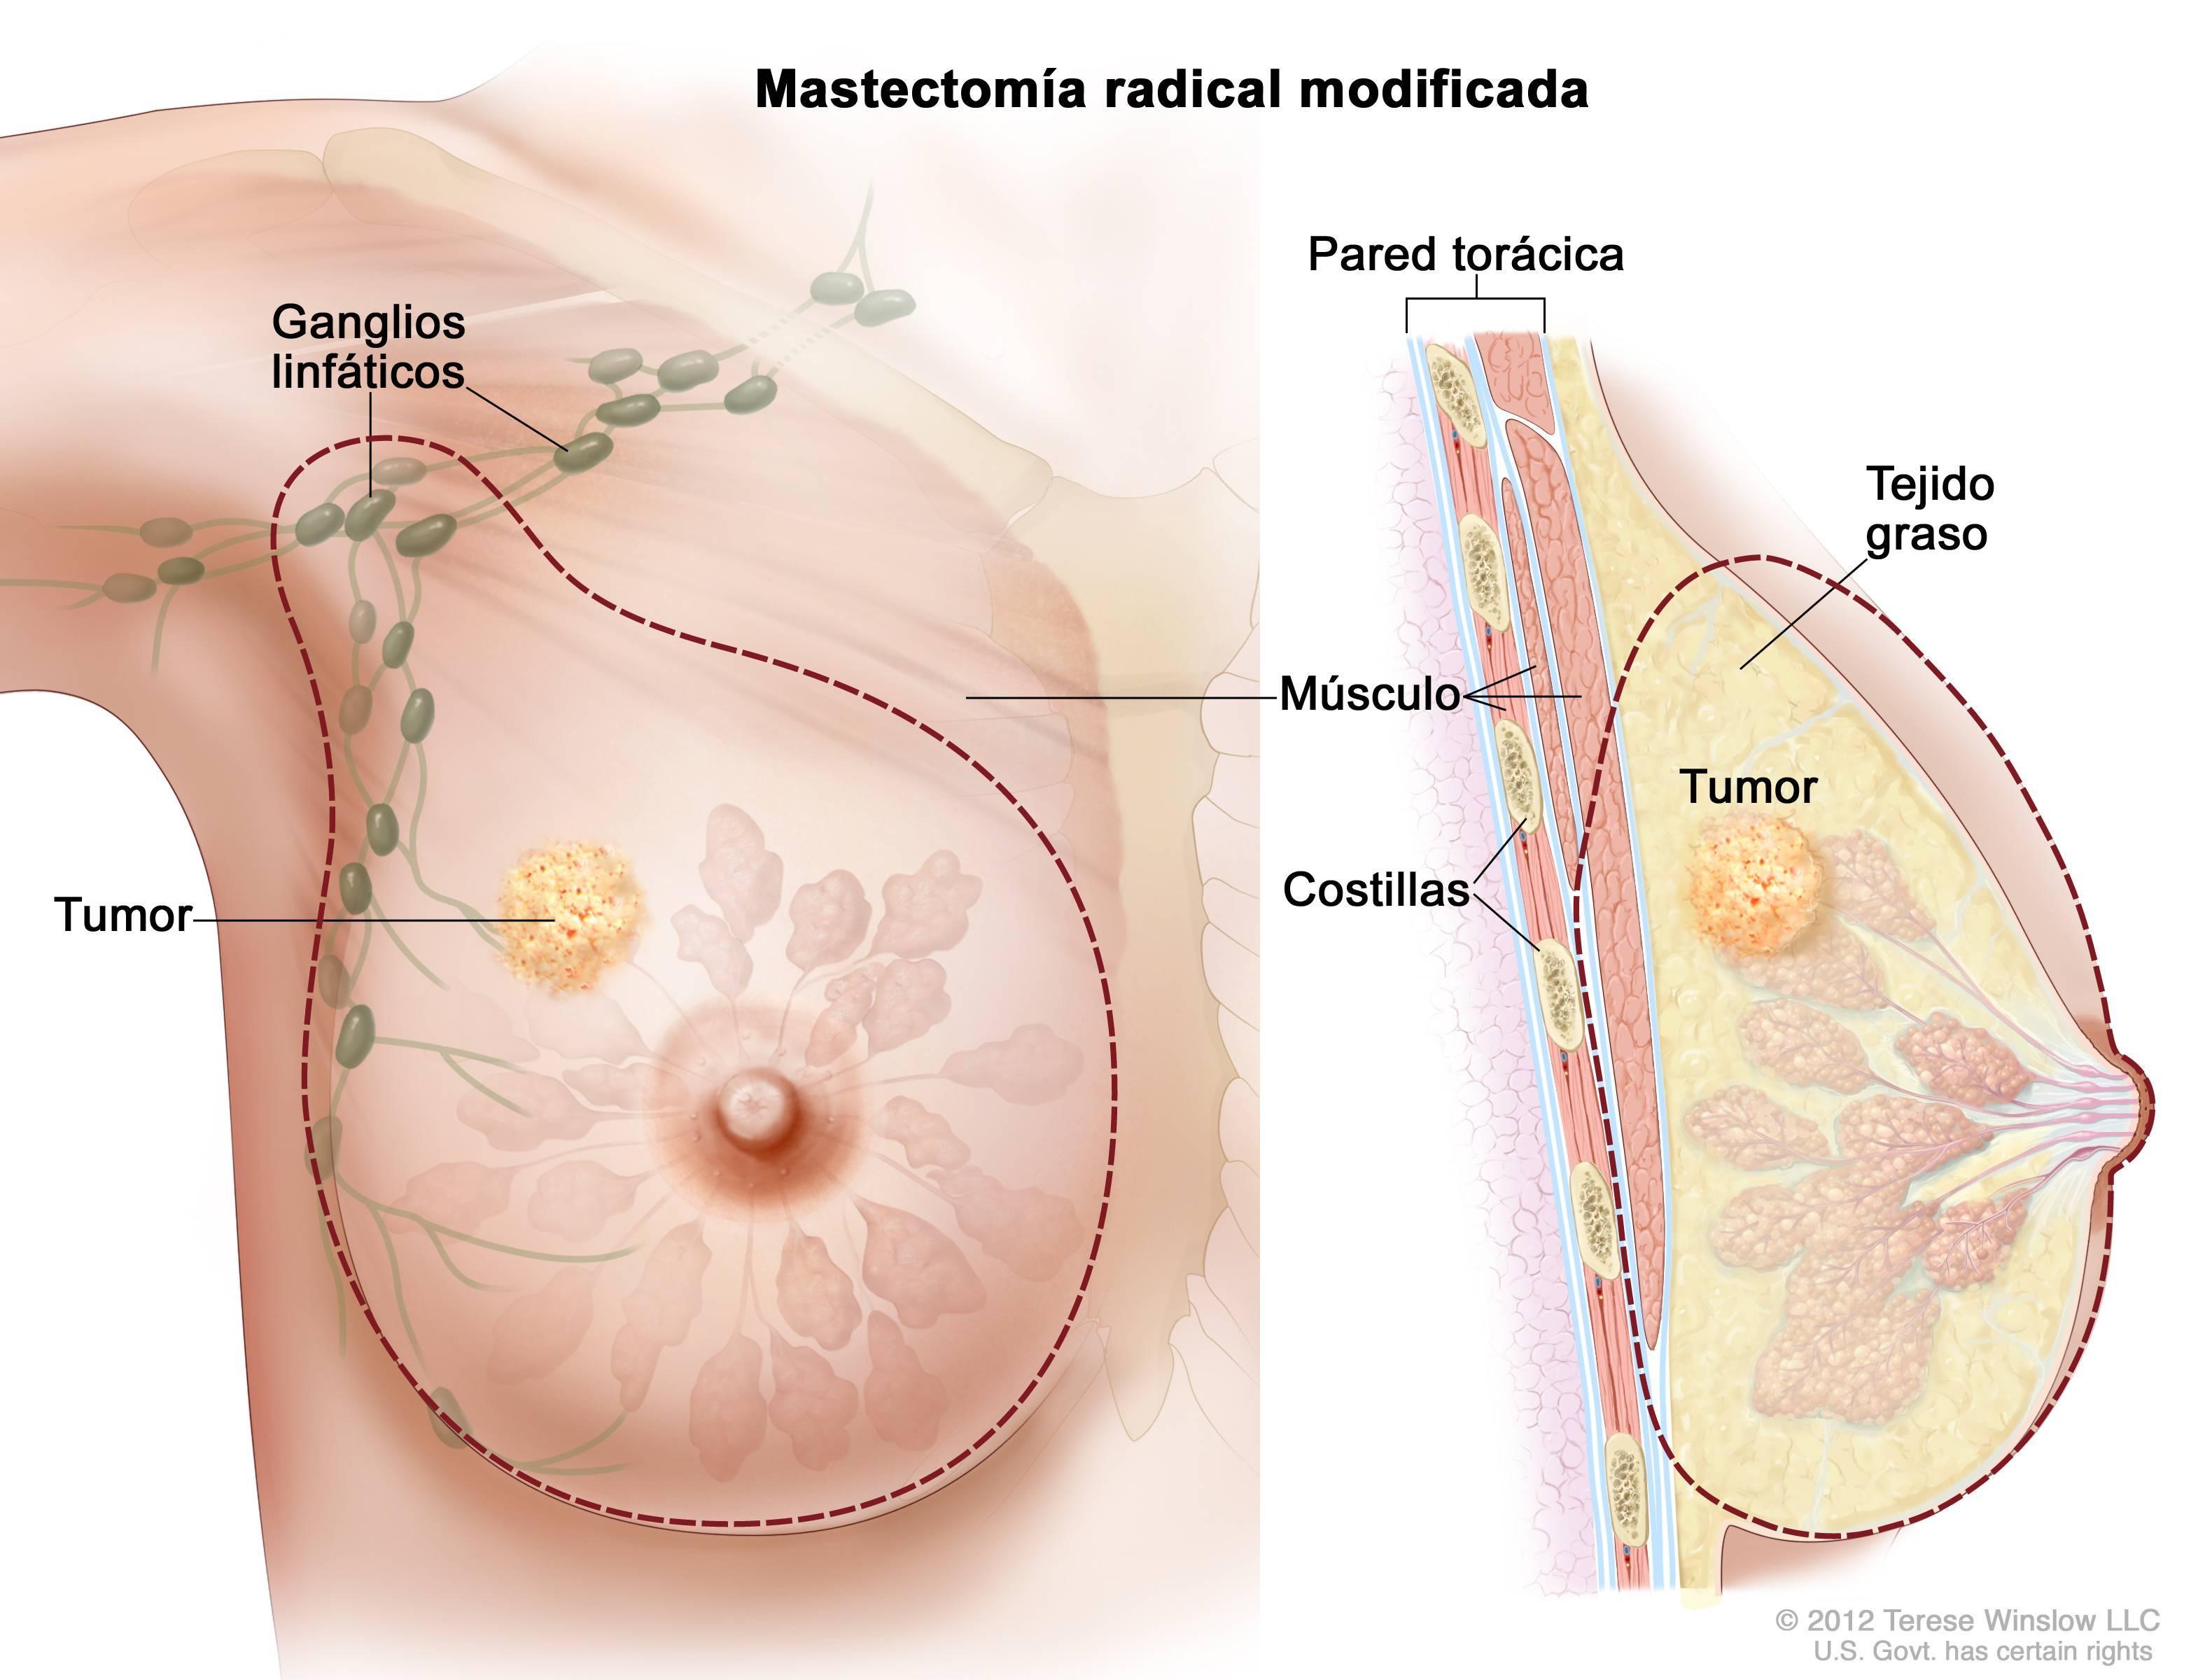 Почему болит грудь у кормящей: физиологические и патологические причины. что делать, если болит грудь после кормления - автор екатерина данилова - журнал женское мнение